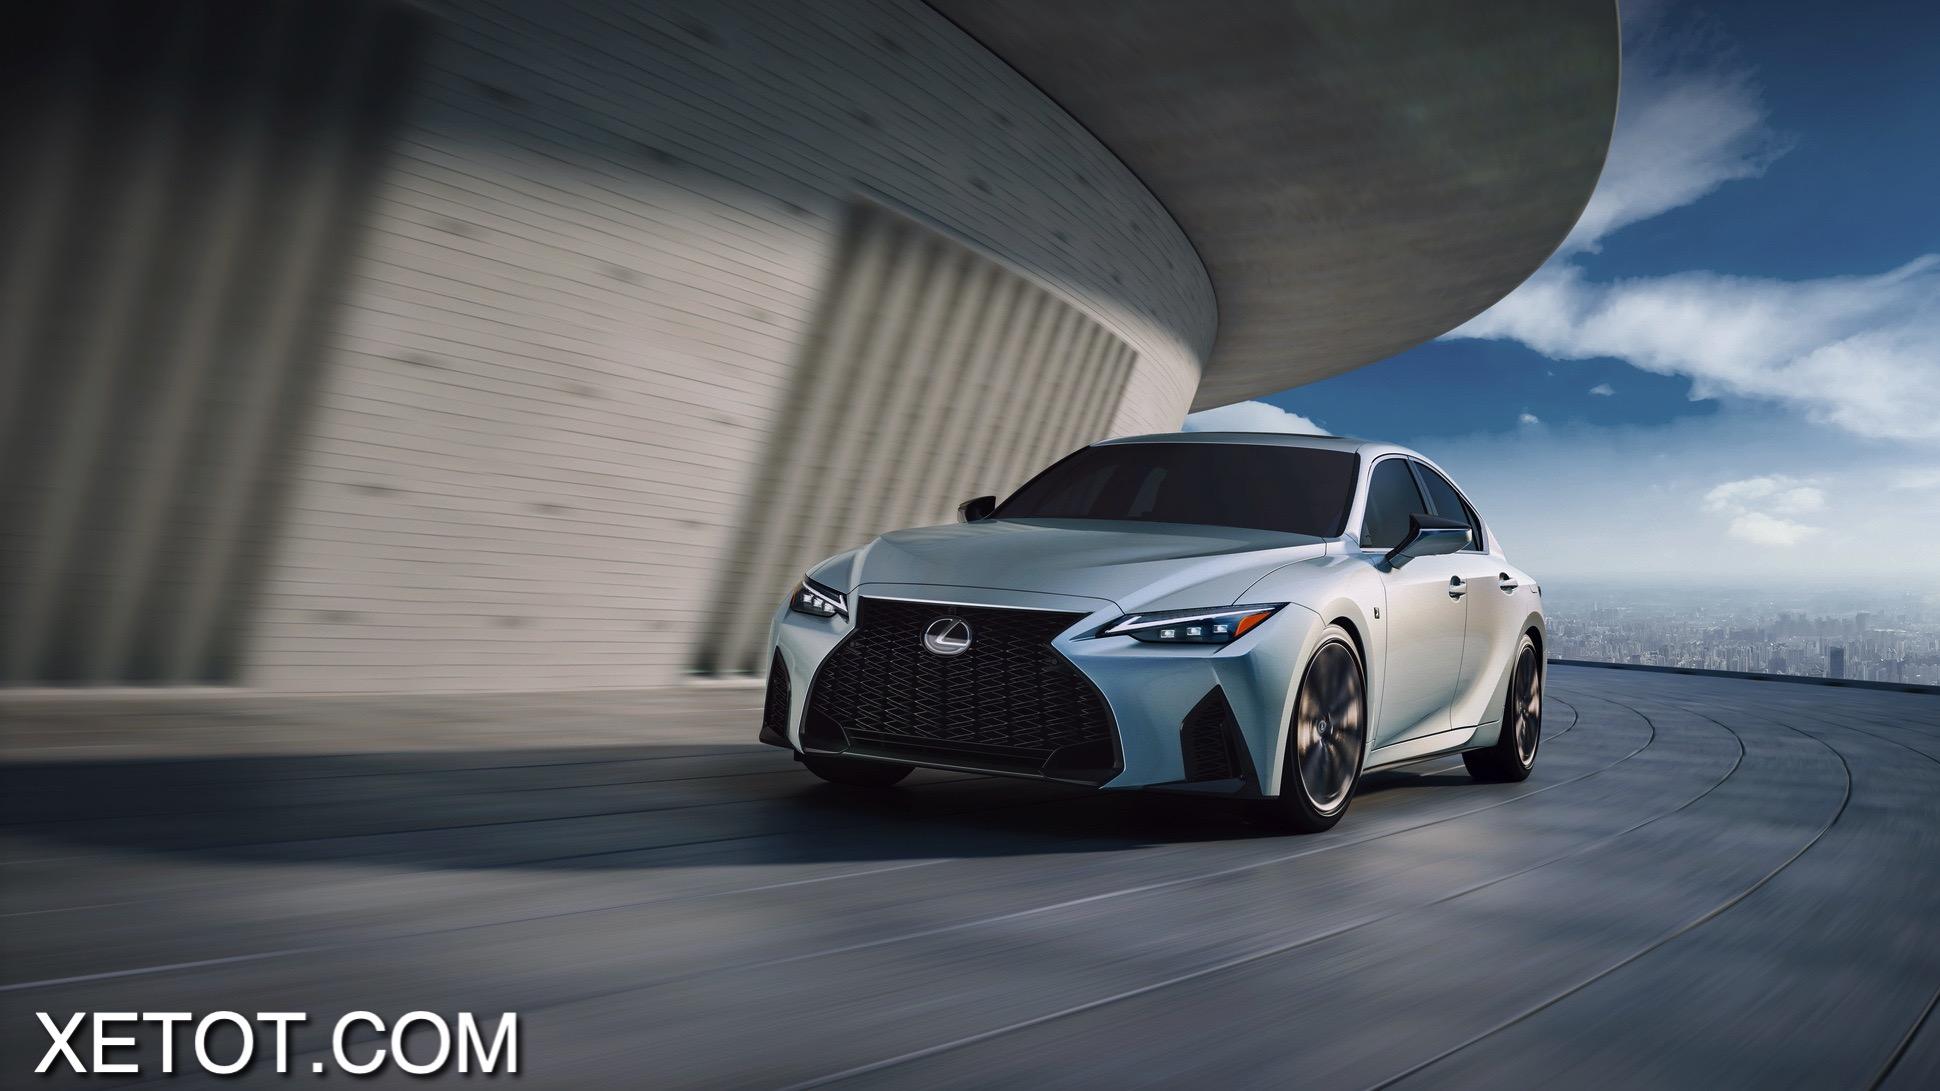 30 - Đánh giá xe Lexus IS 2021 sắp bán - Cập nhật nhiều tính năng mới